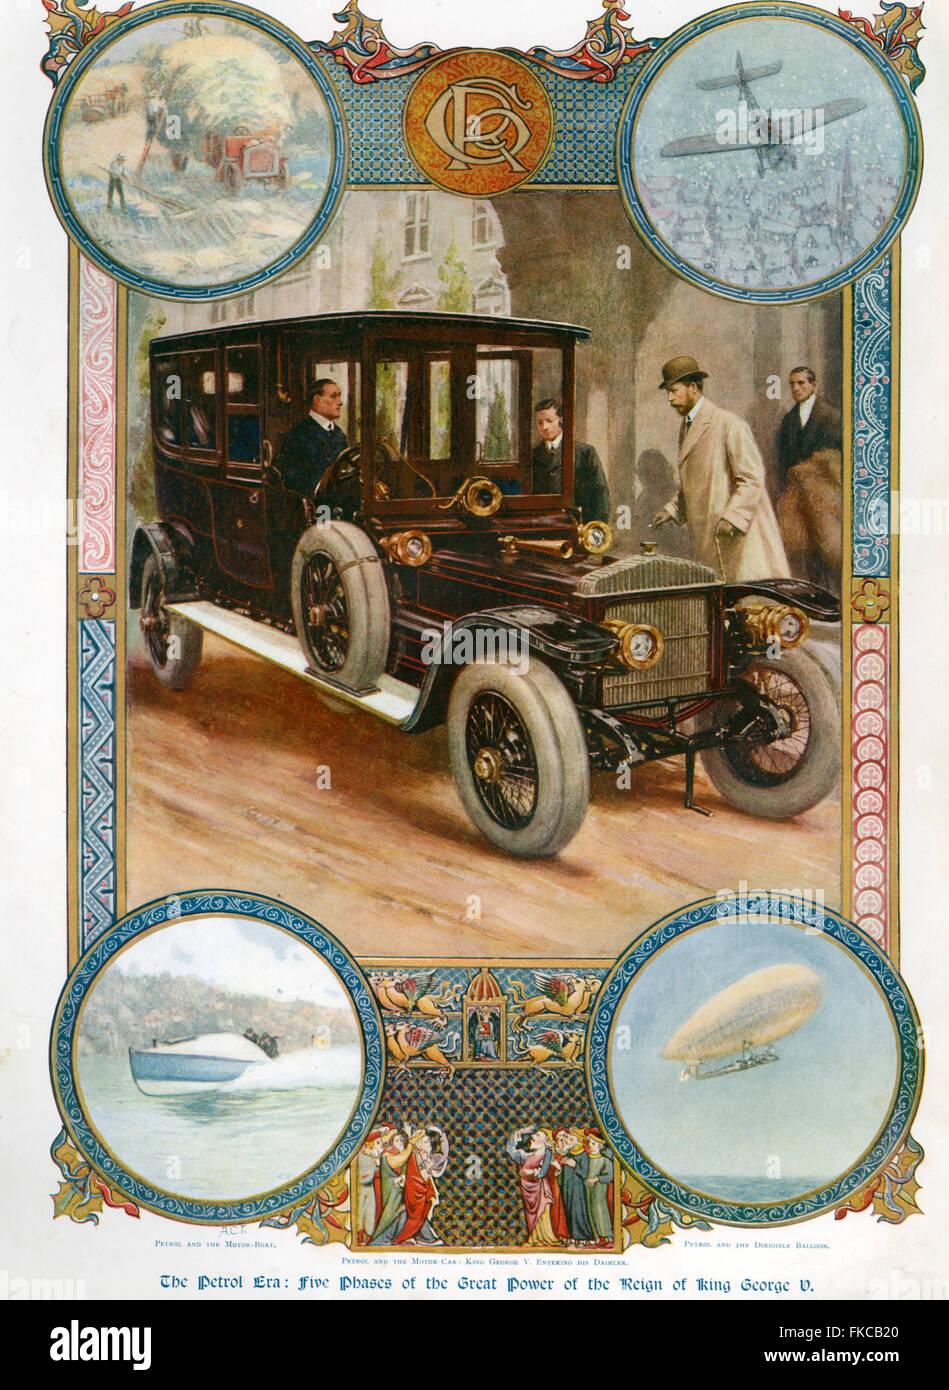 1920er Jahre UK Benzin und der Motor Auto-Magazin-Anzeige Stockbild